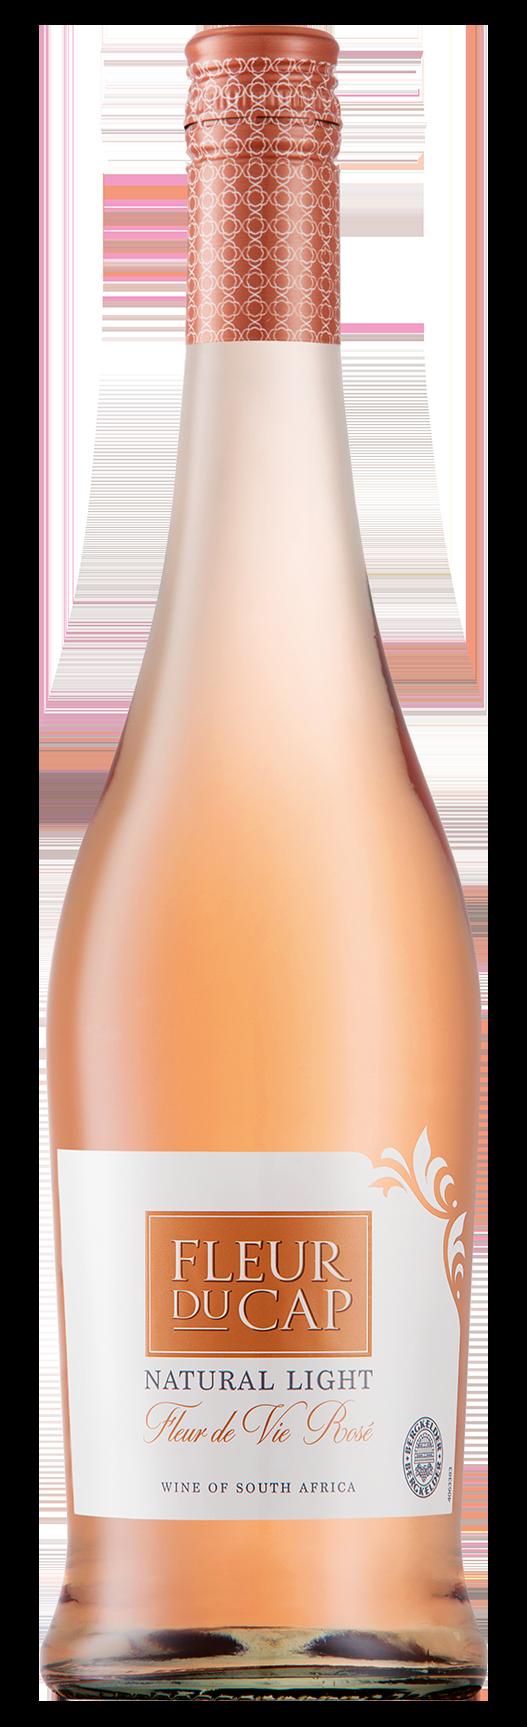 The Fleur de Vie range Fleur de Vie Rosé